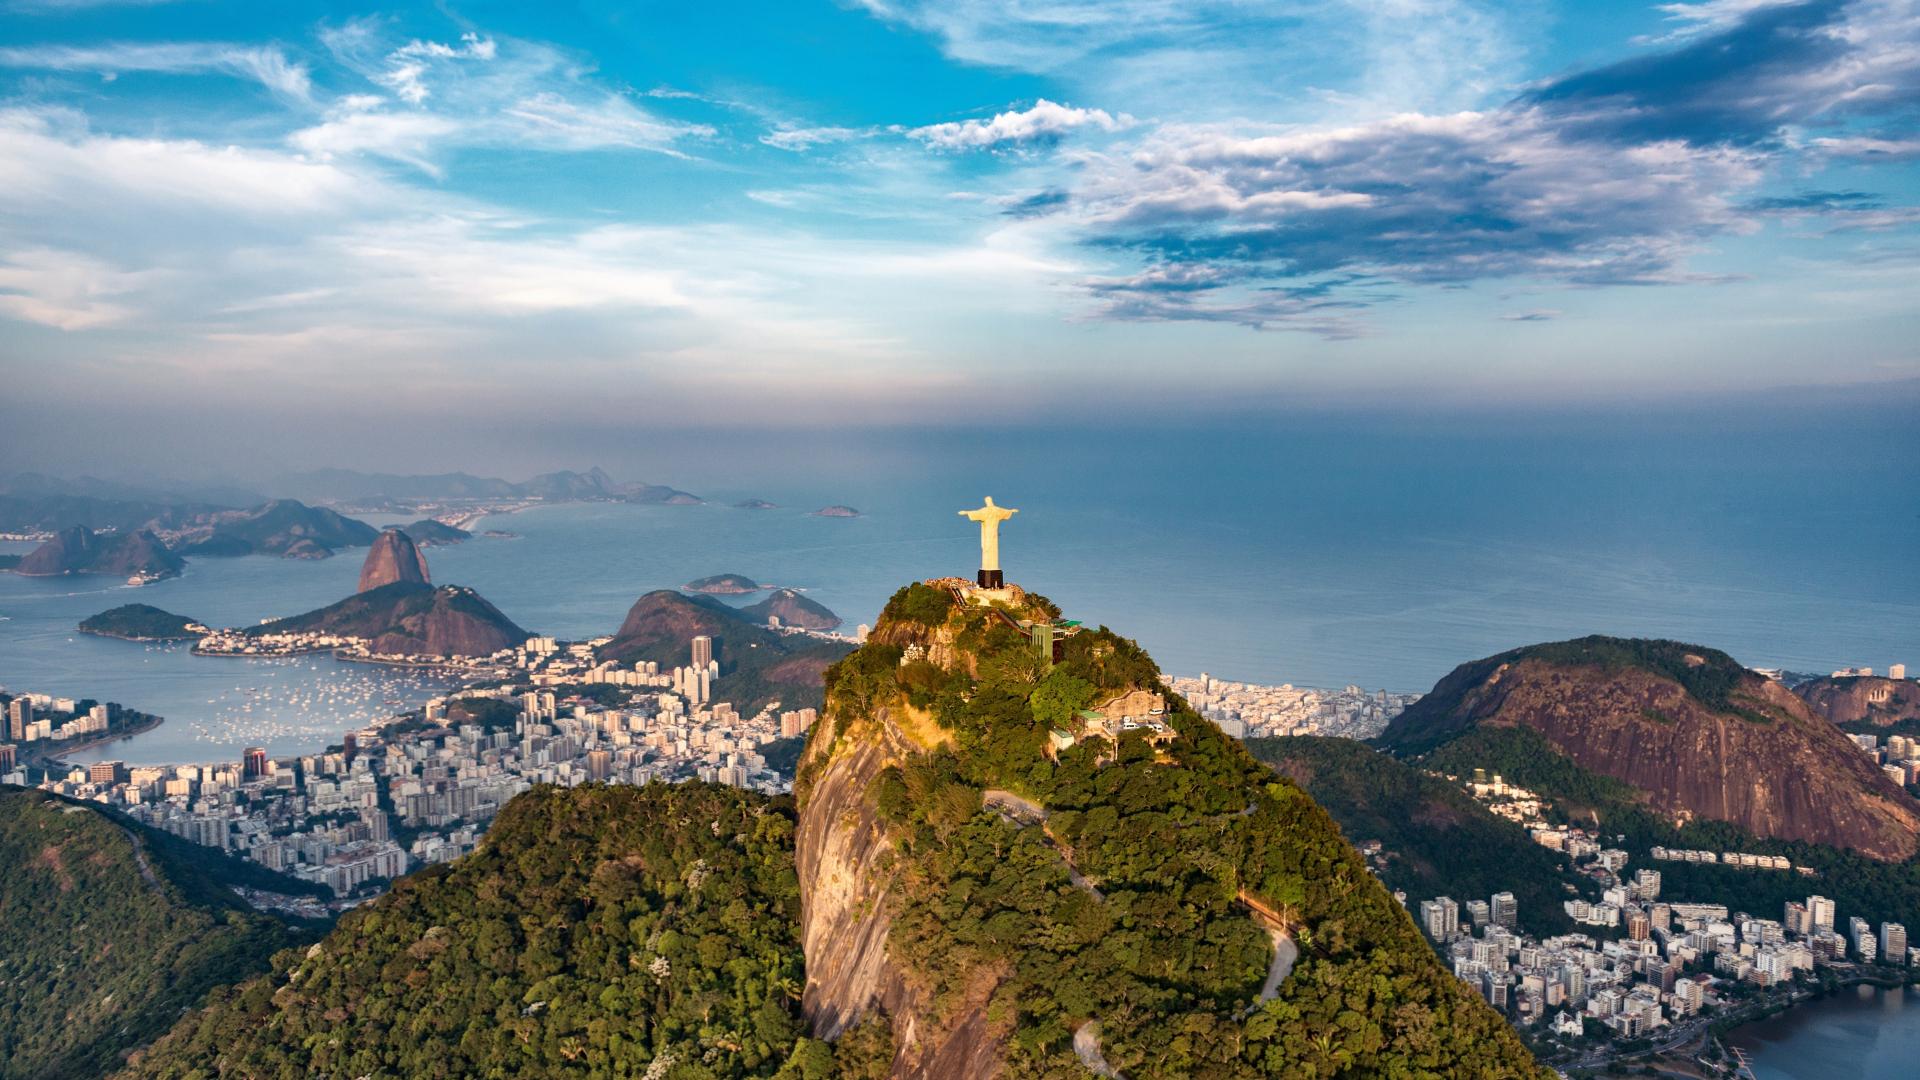 Rio 1920 Wallpaper 1080 Janeiro Hd X De